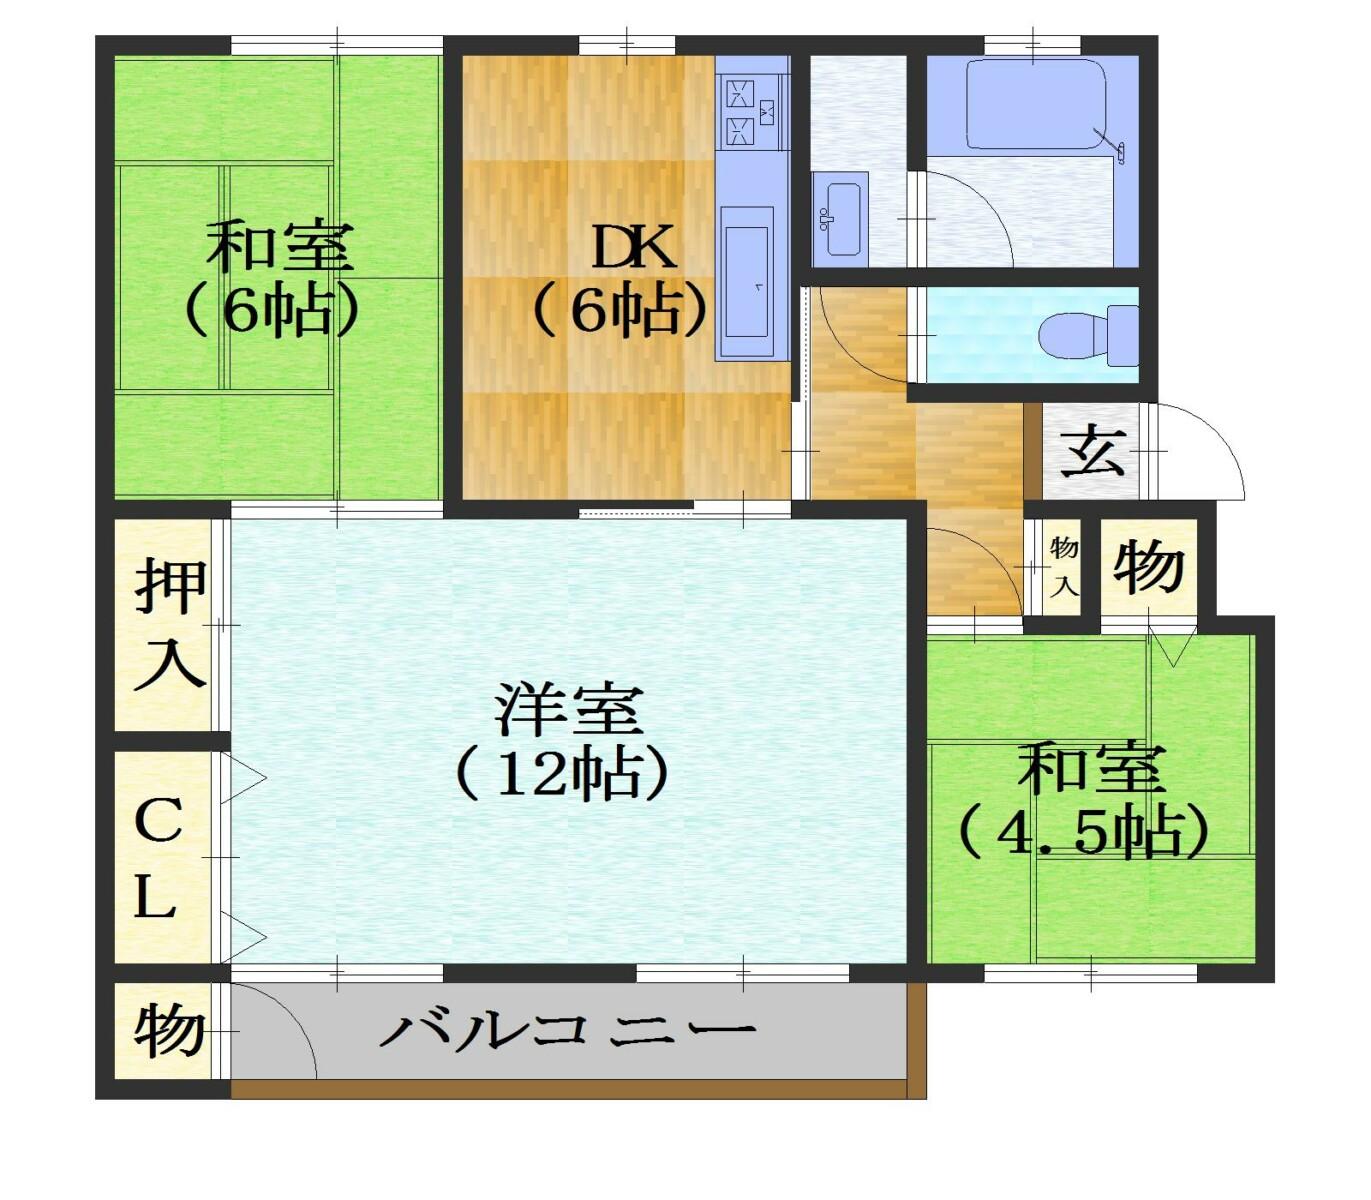 竹の台団地B3棟 価格780万円 イメージ